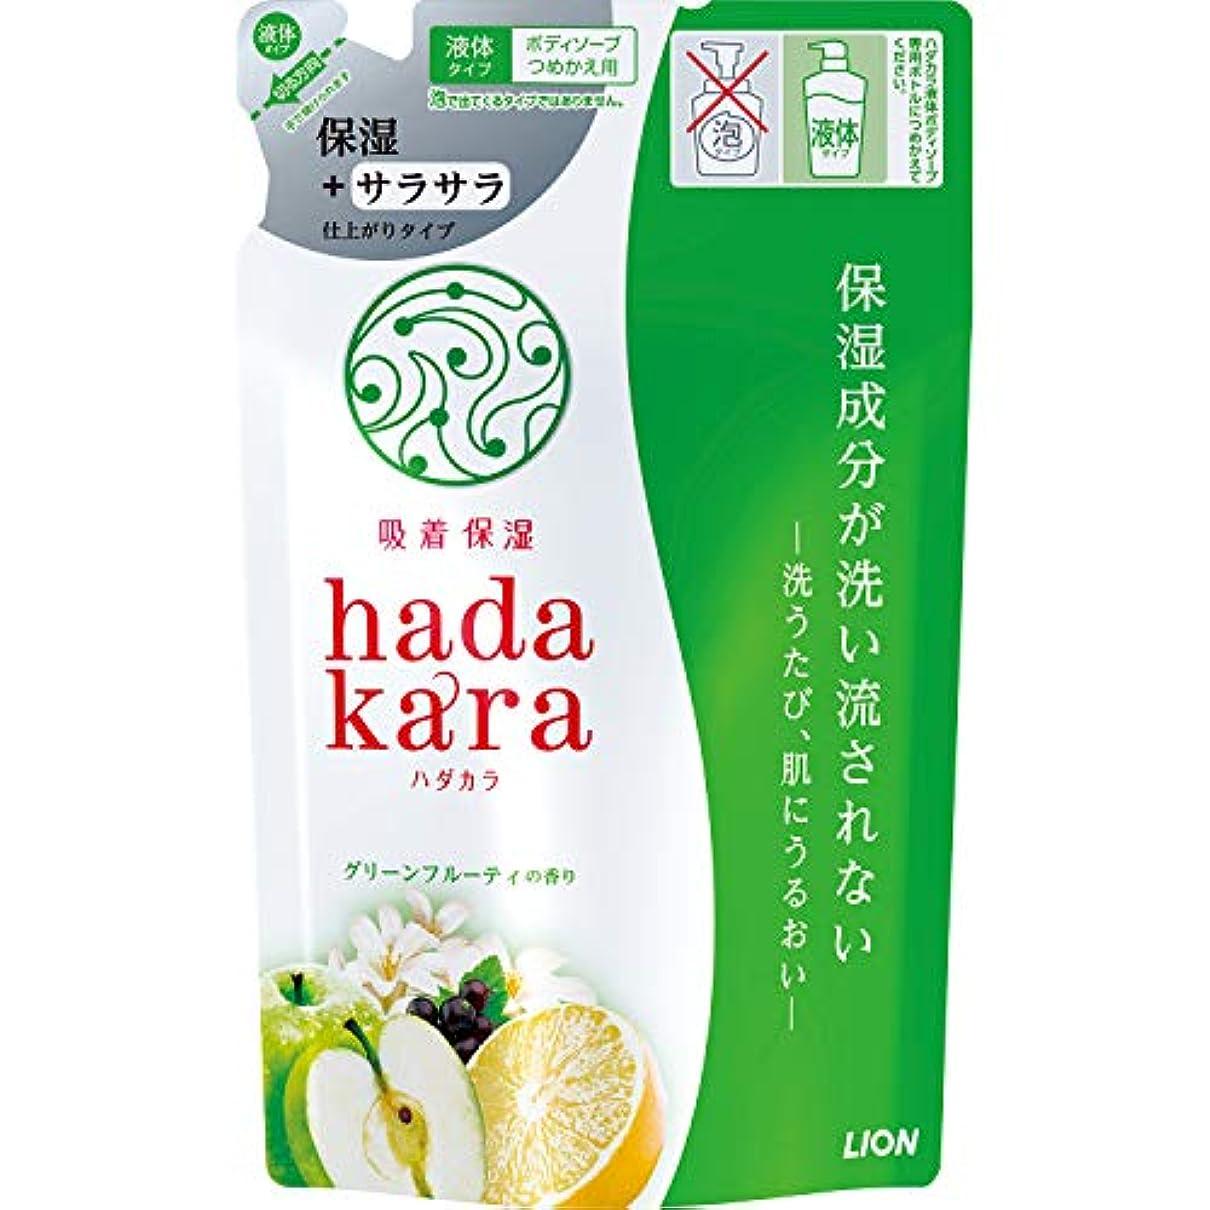 適応ピラミッド会社hadakara(ハダカラ) ボディソープ 保湿+サラサラ仕上がりタイプ グリーンフルーティの香り 詰め替え 340ml